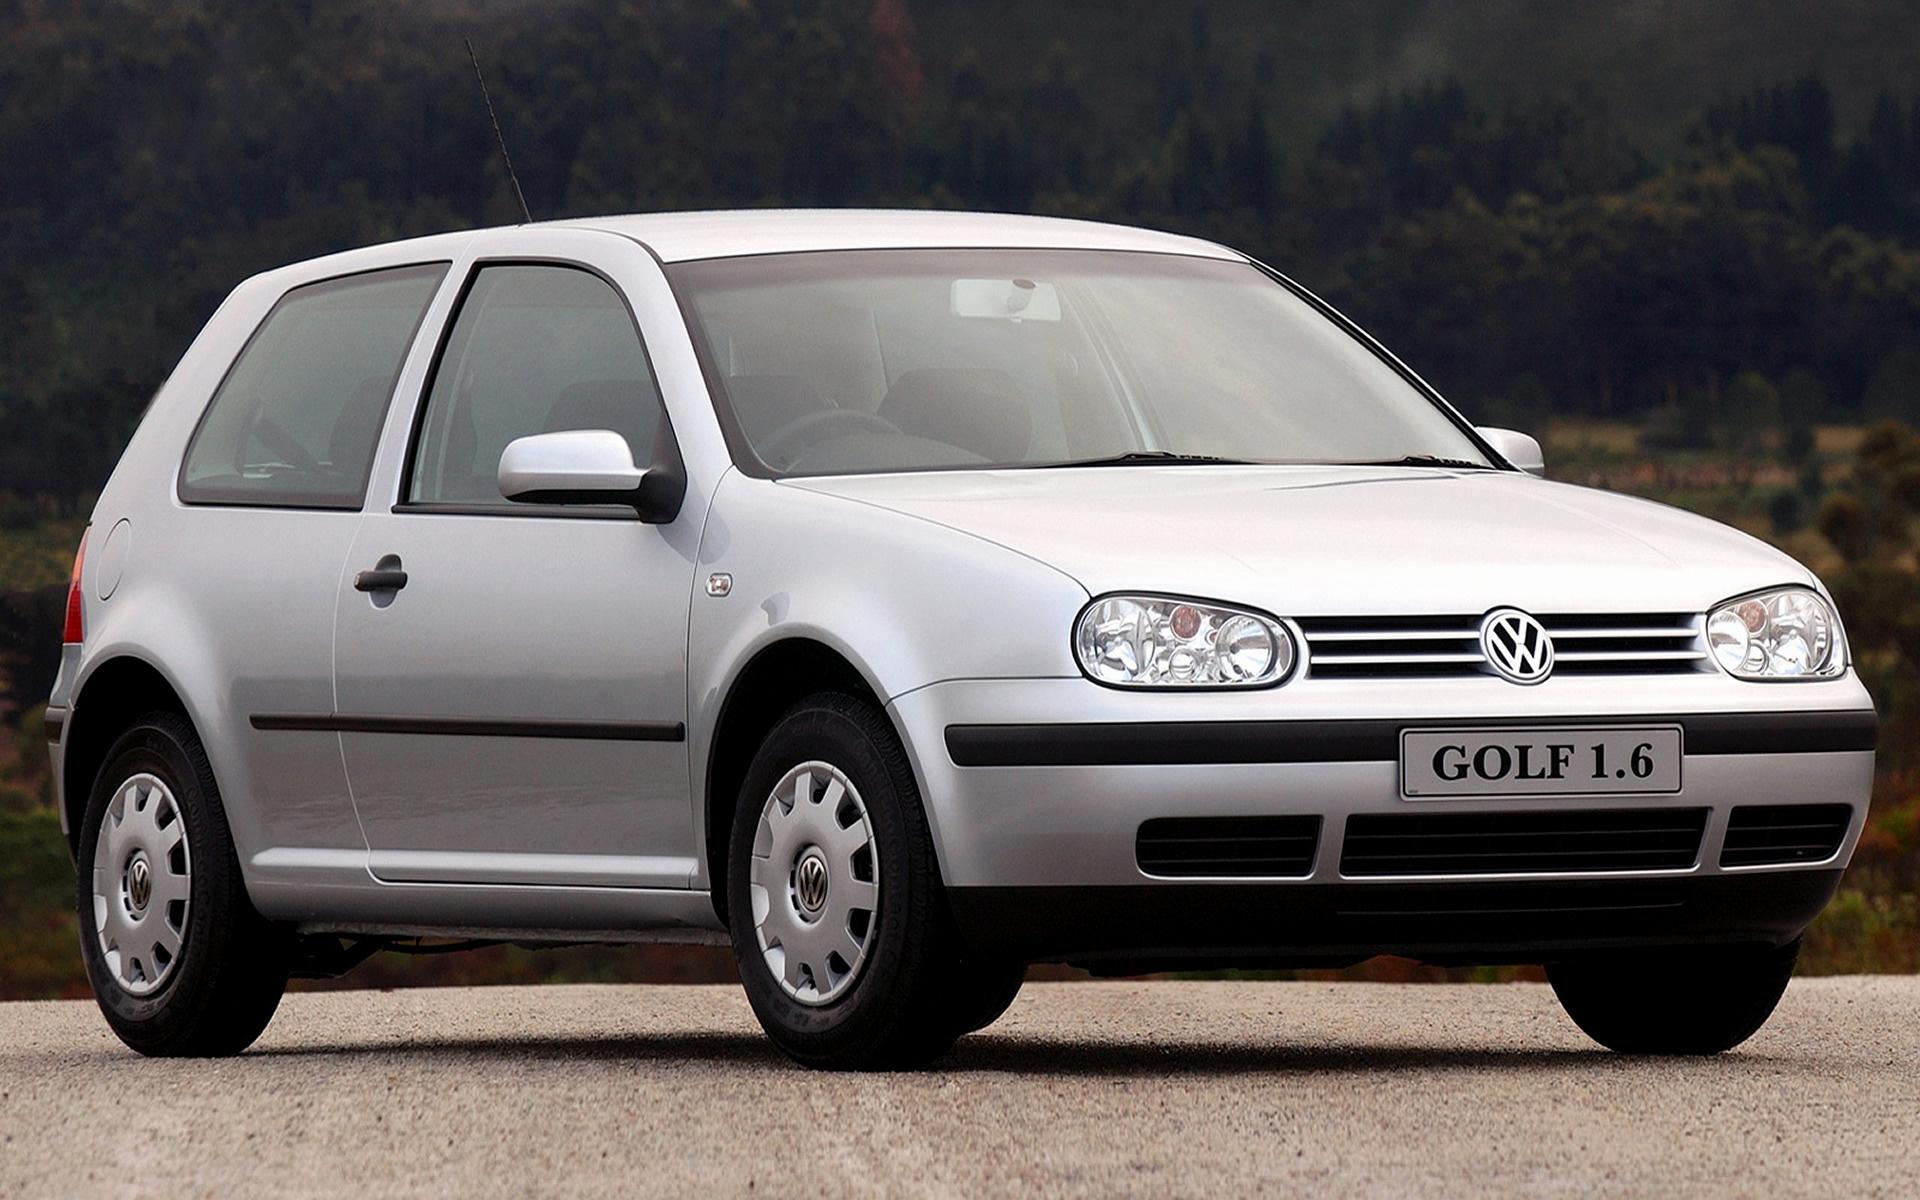 Volkswagen Golf 3 door 1997 ZA Wallpapers and HD Car Pixel